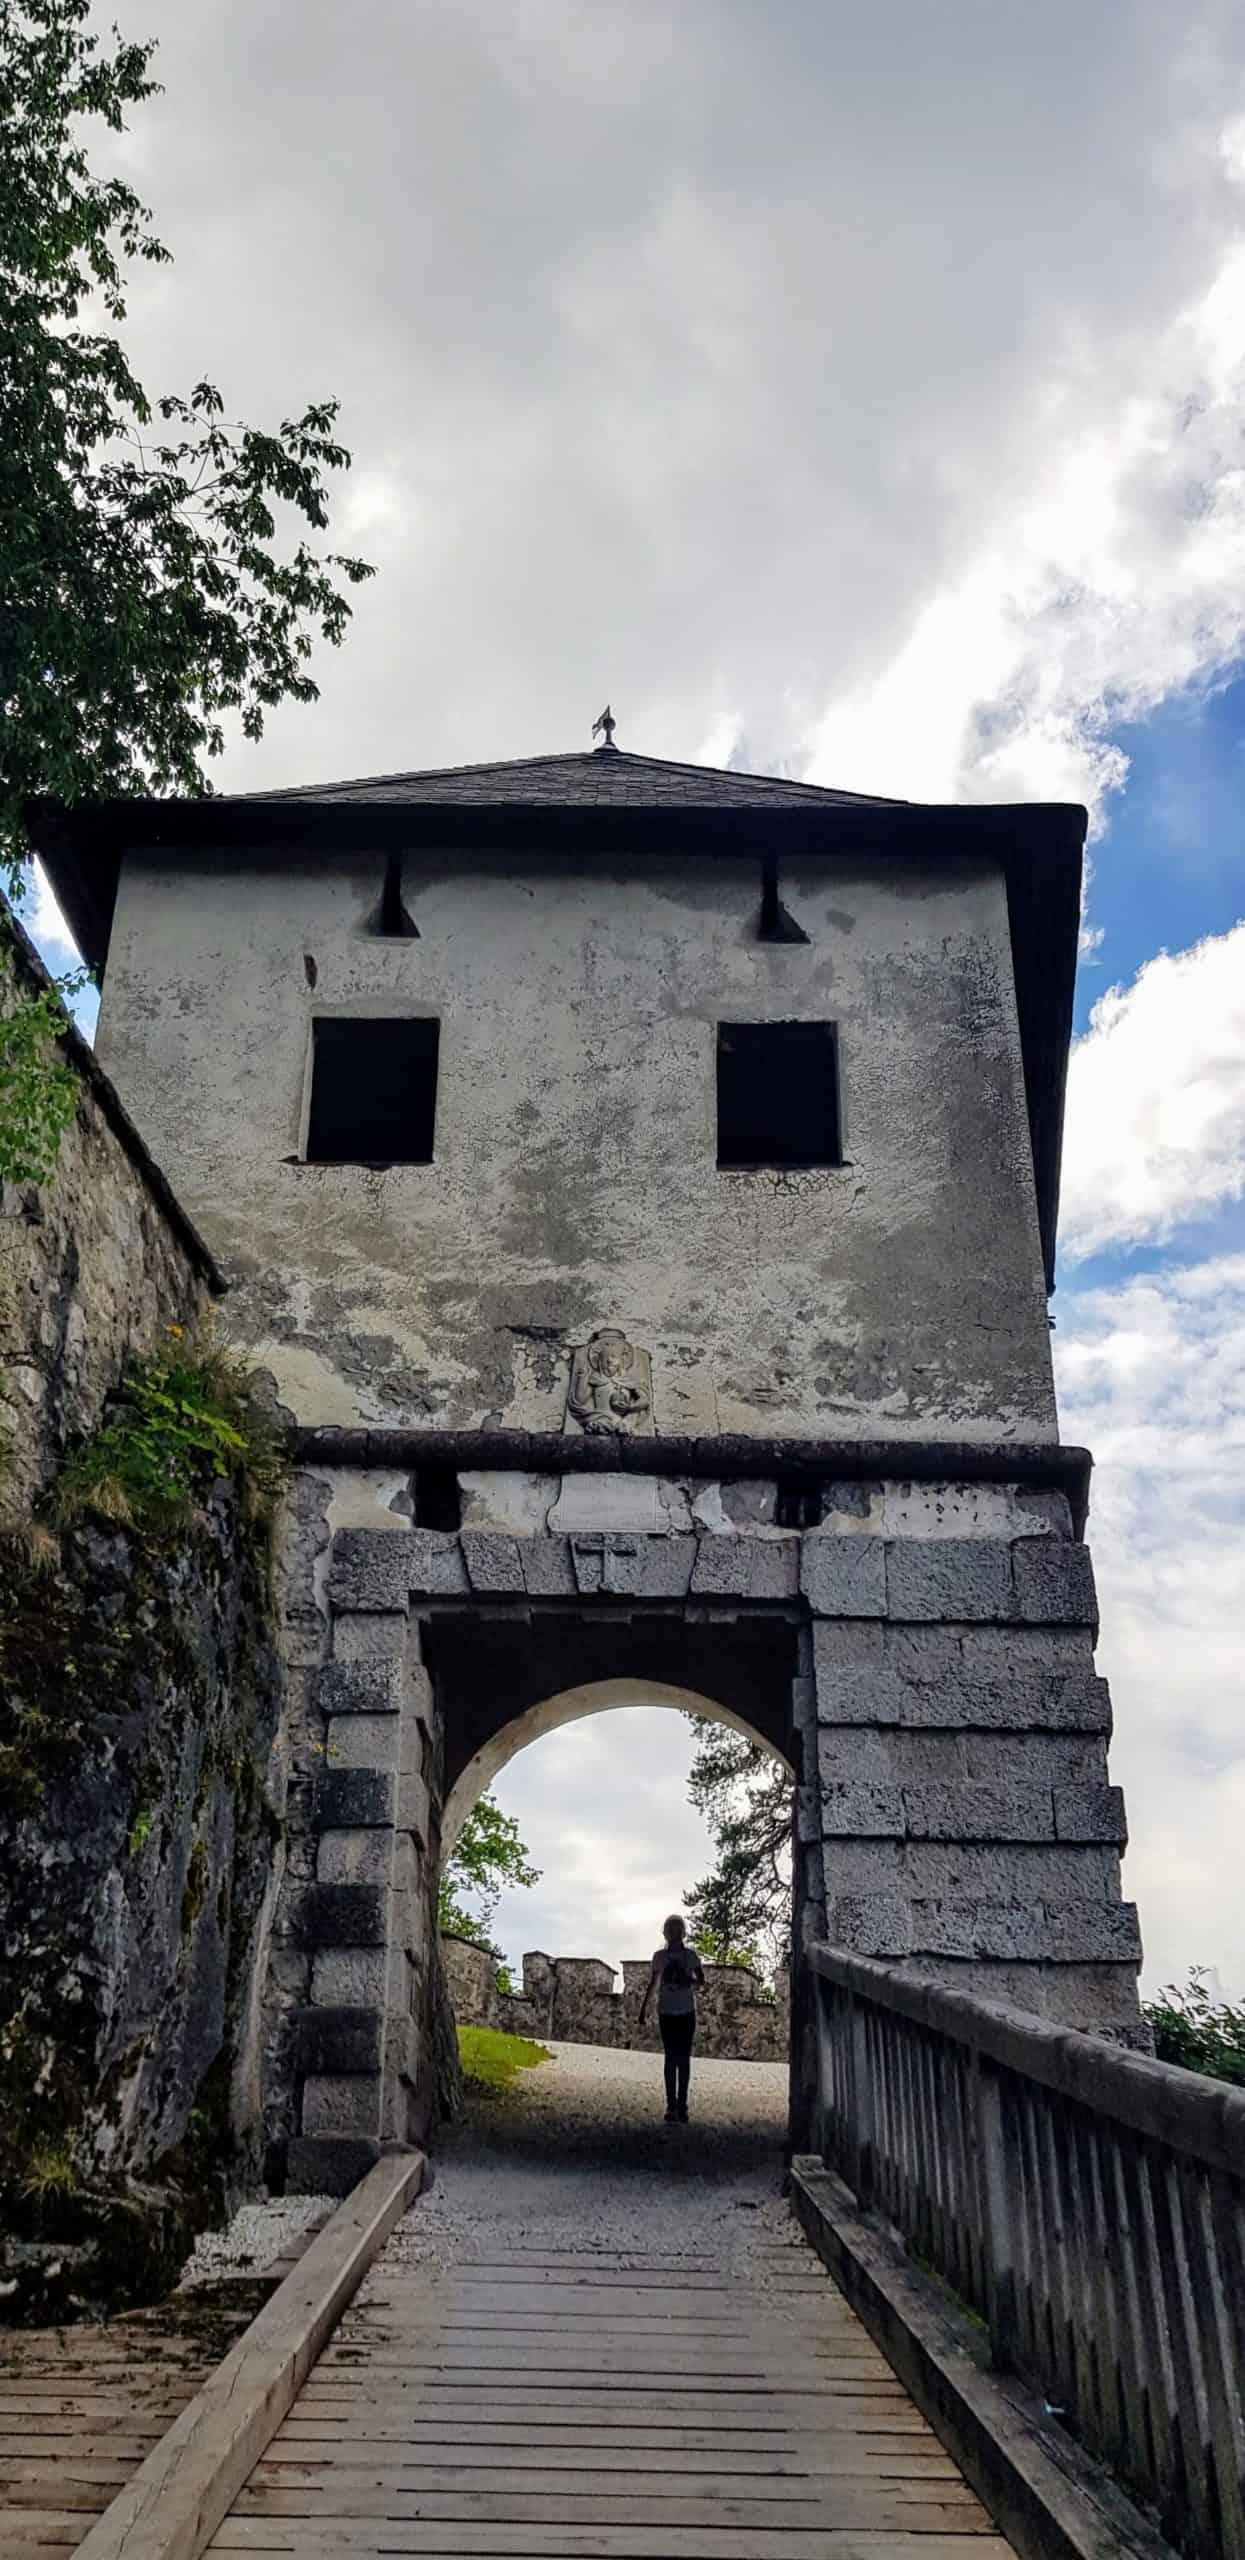 Löwentor - Burgtor des familienfreundlichen Mittelalter-Ausflugsziels Hochosterwitz in Österreich. Frei mit Kärnten Card.